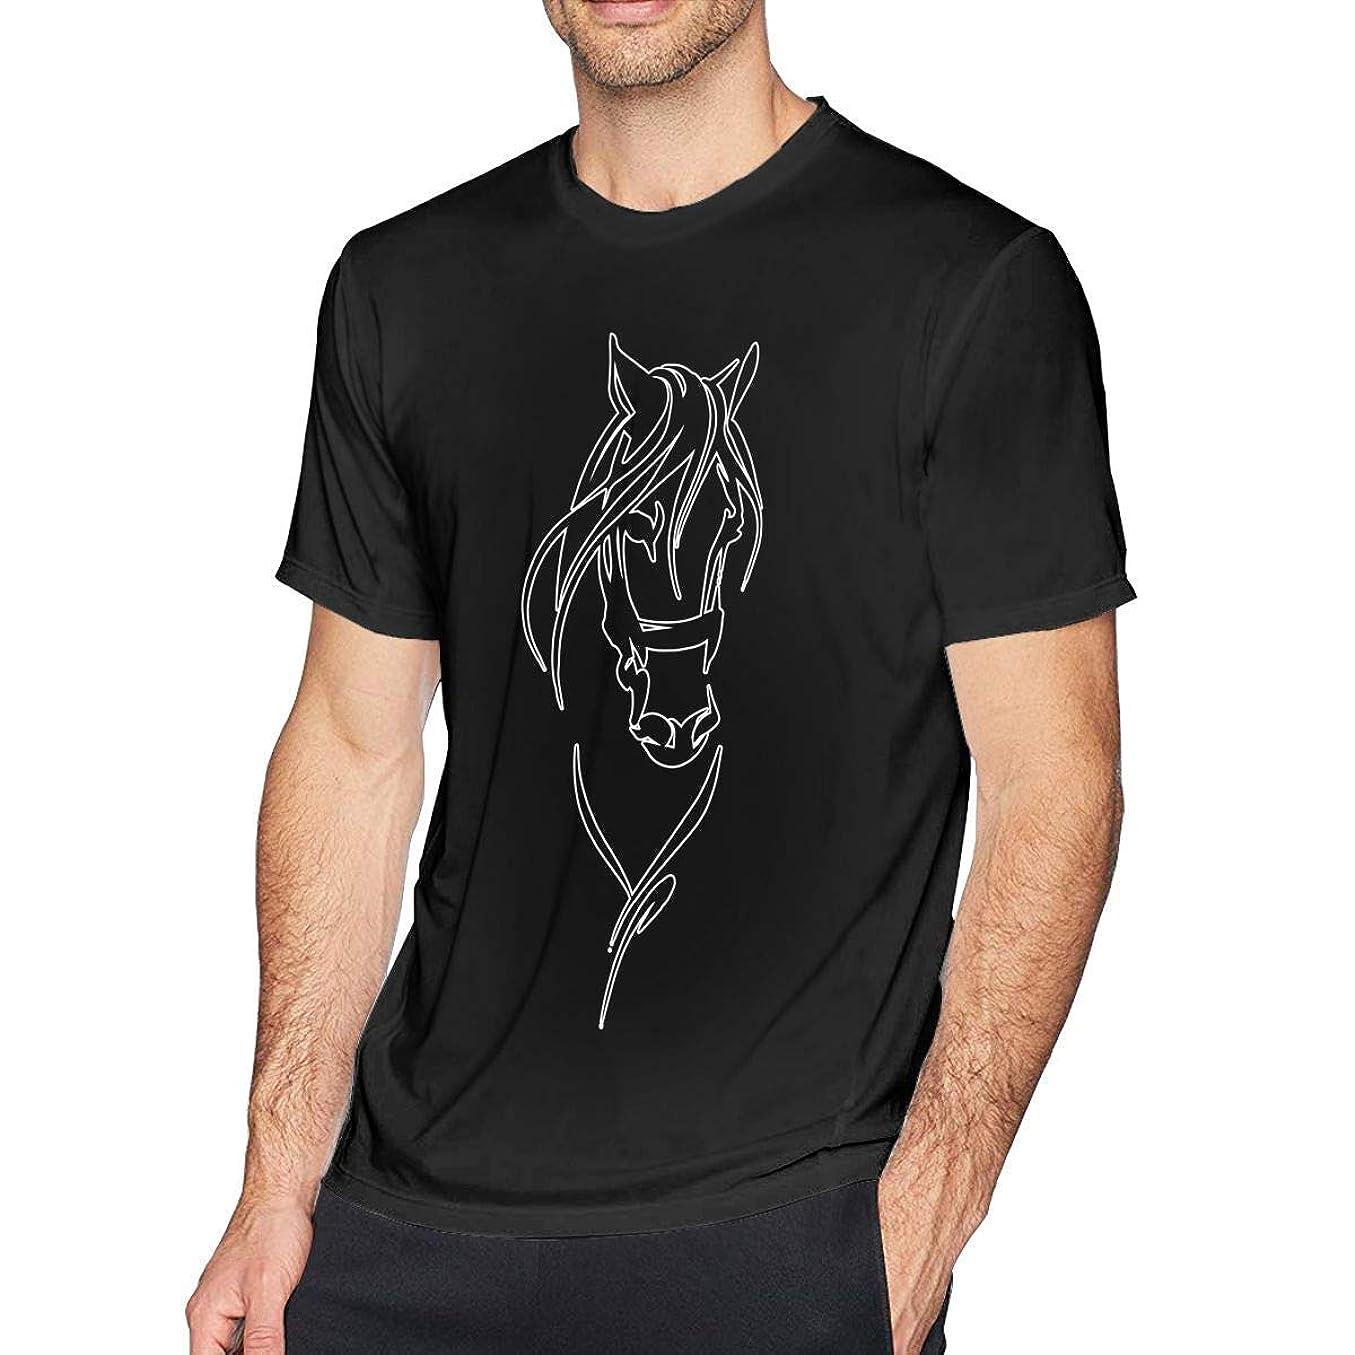 告白シャンプー罰する乗馬愛好家男Tシャツクルーネックスクリーンプリント半袖コットンシャツ、大人用ユース